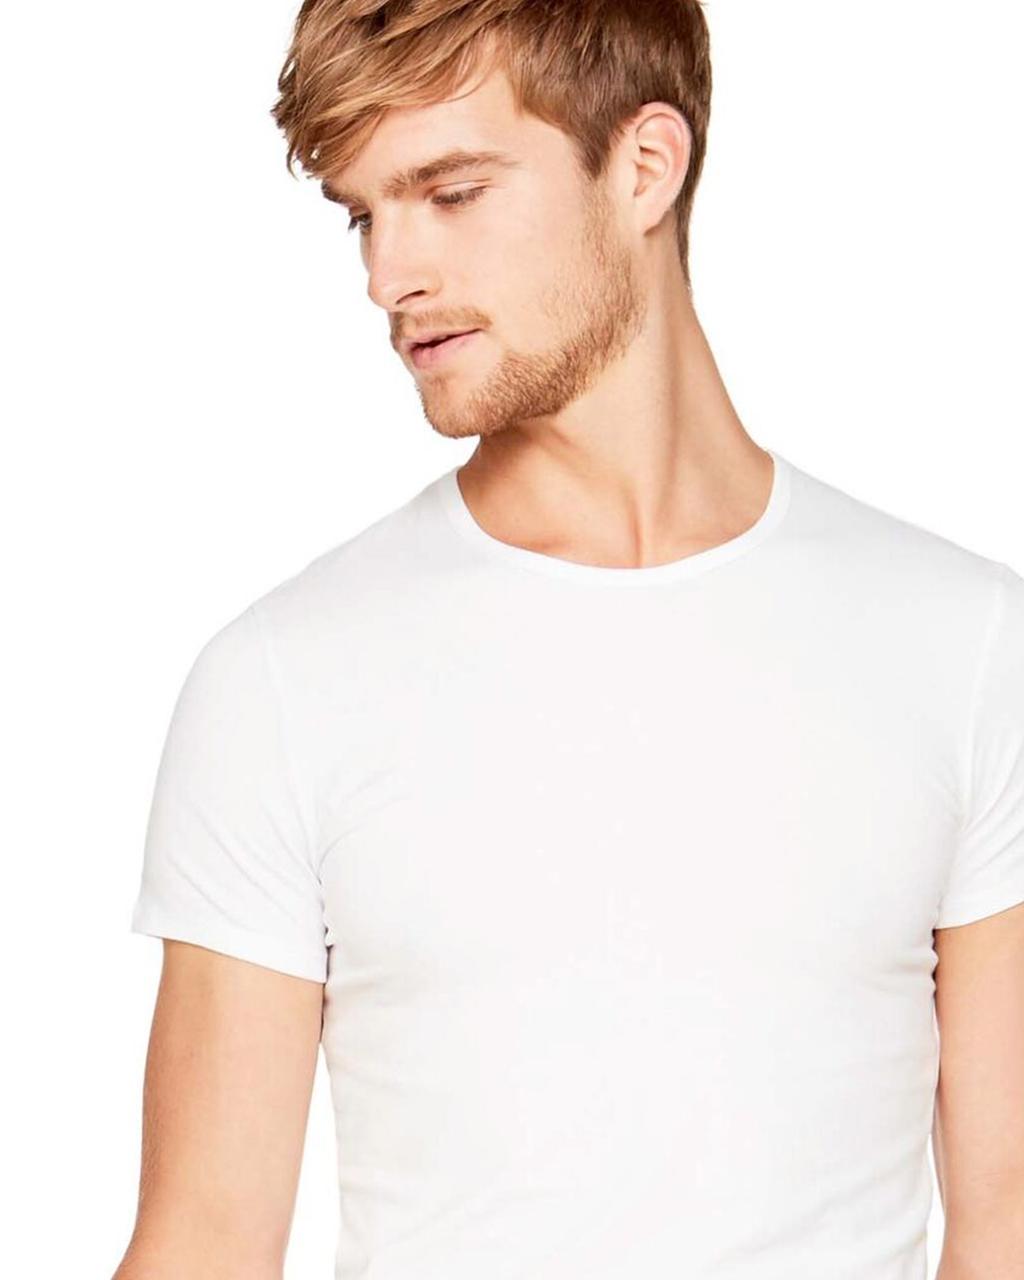 Camisetas y tops de hombre ropa interior undercolors for Camisetas de interior hombre